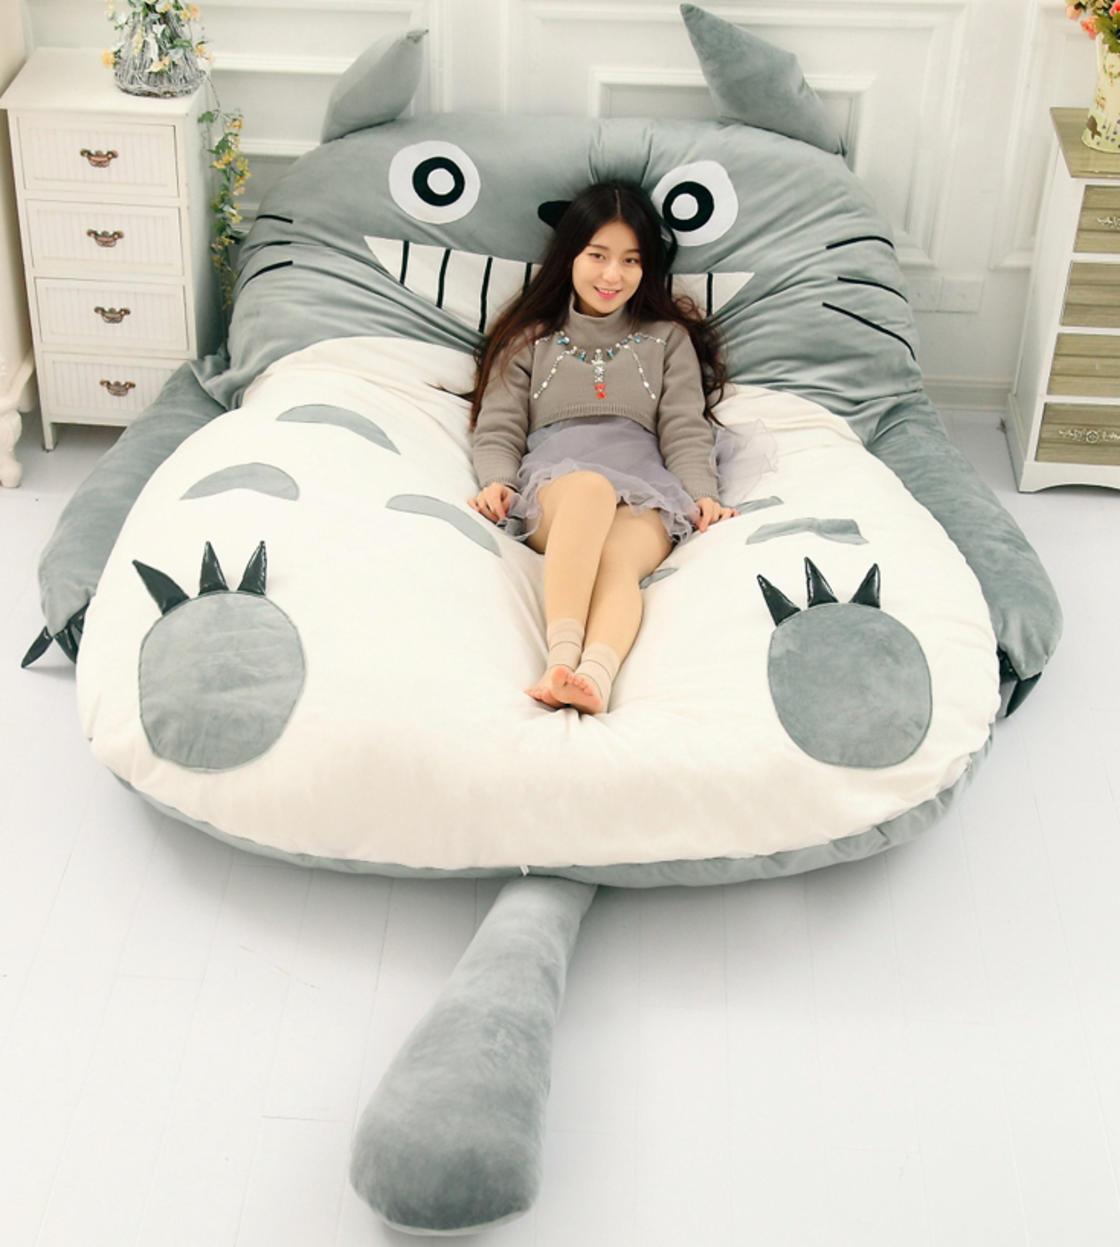 Relaxe nesta linda e confortável cama em formato de Totoro!